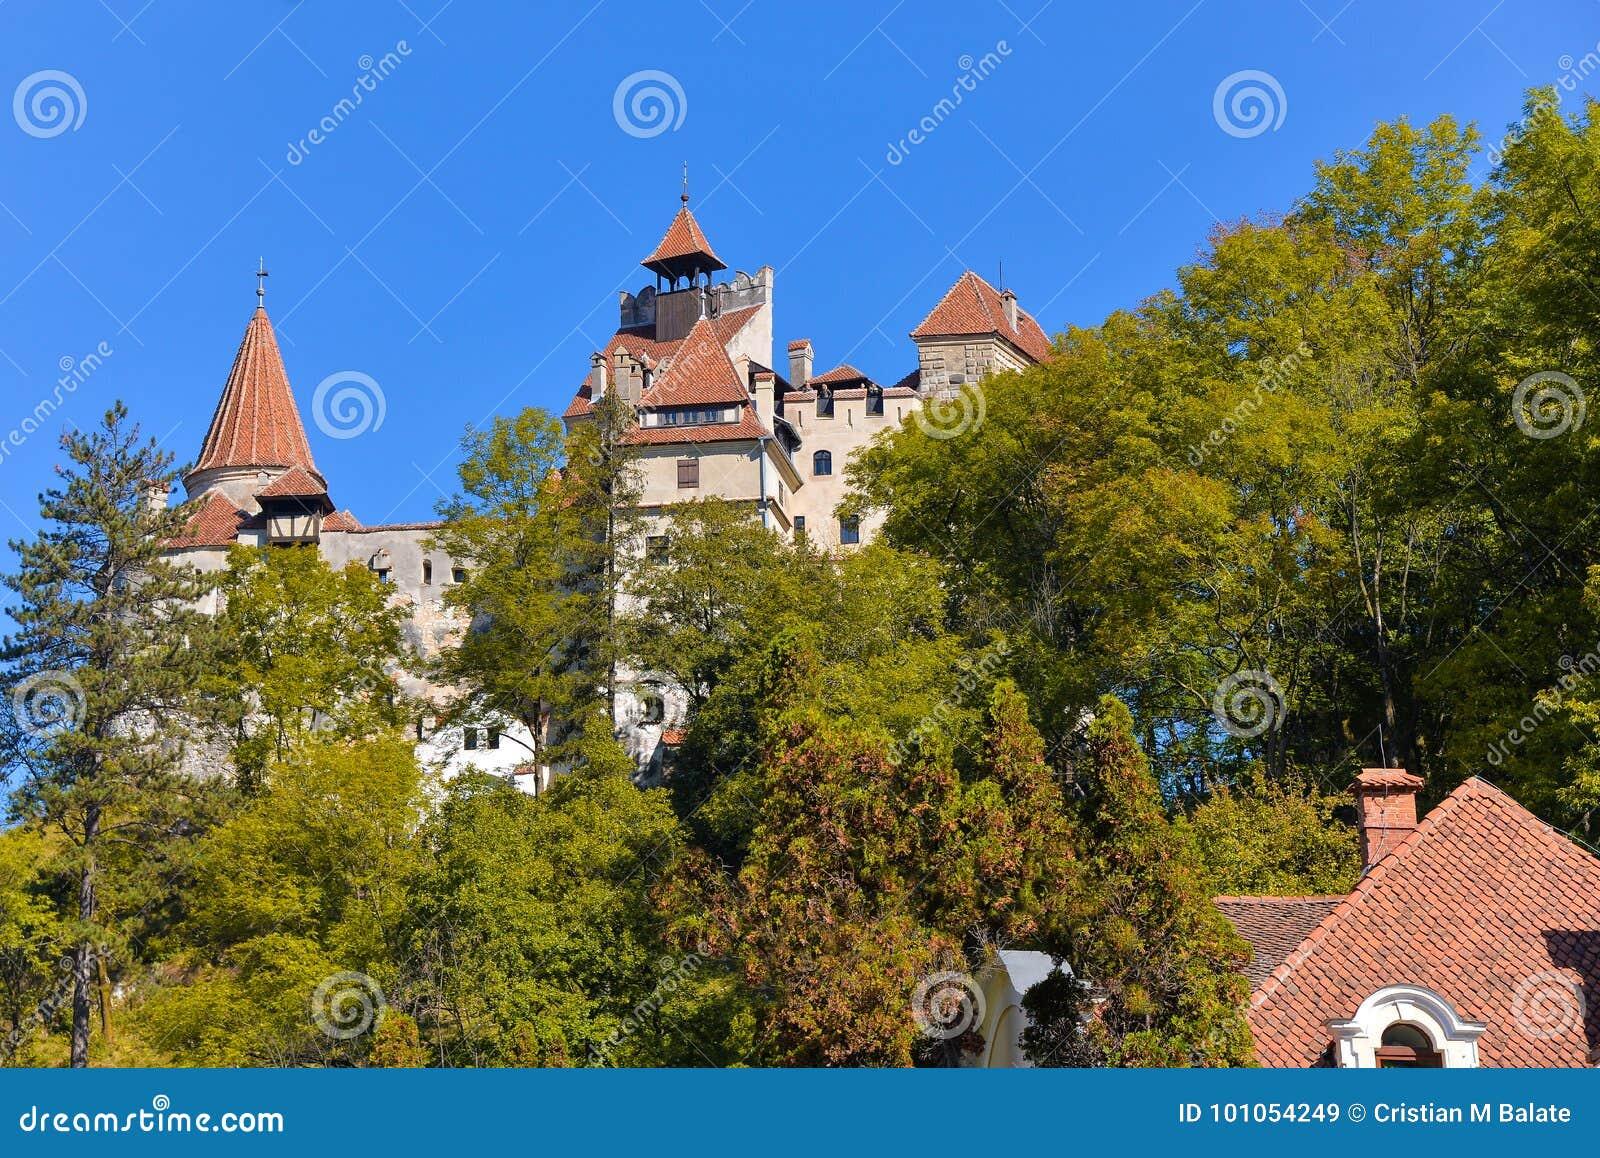 Bran, Dracula castle in fall season